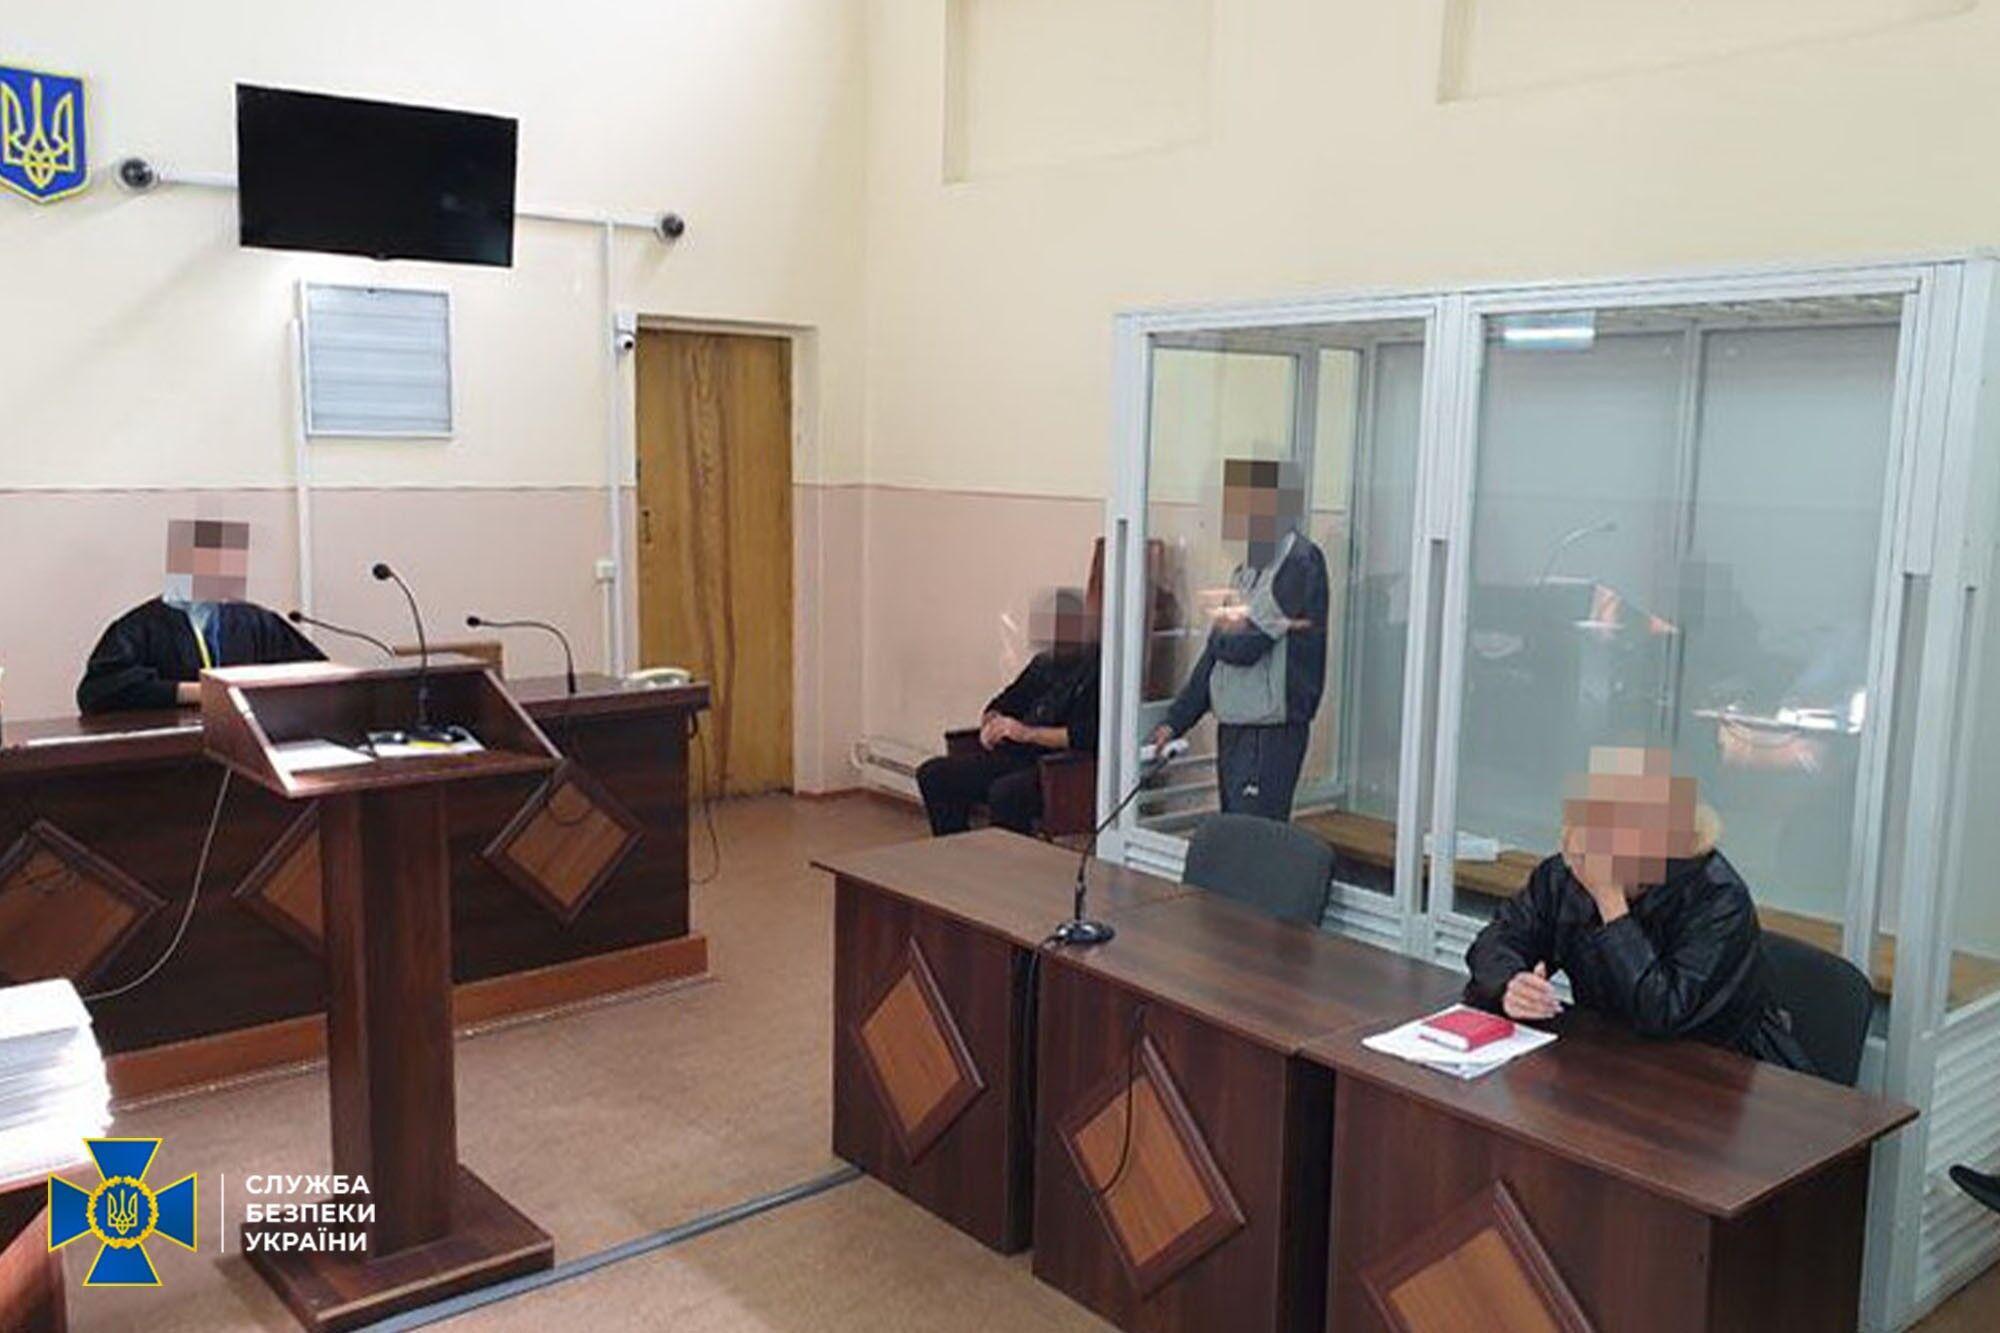 Агента ФСБ РФ приговорили к 8 годам тюрьмы.